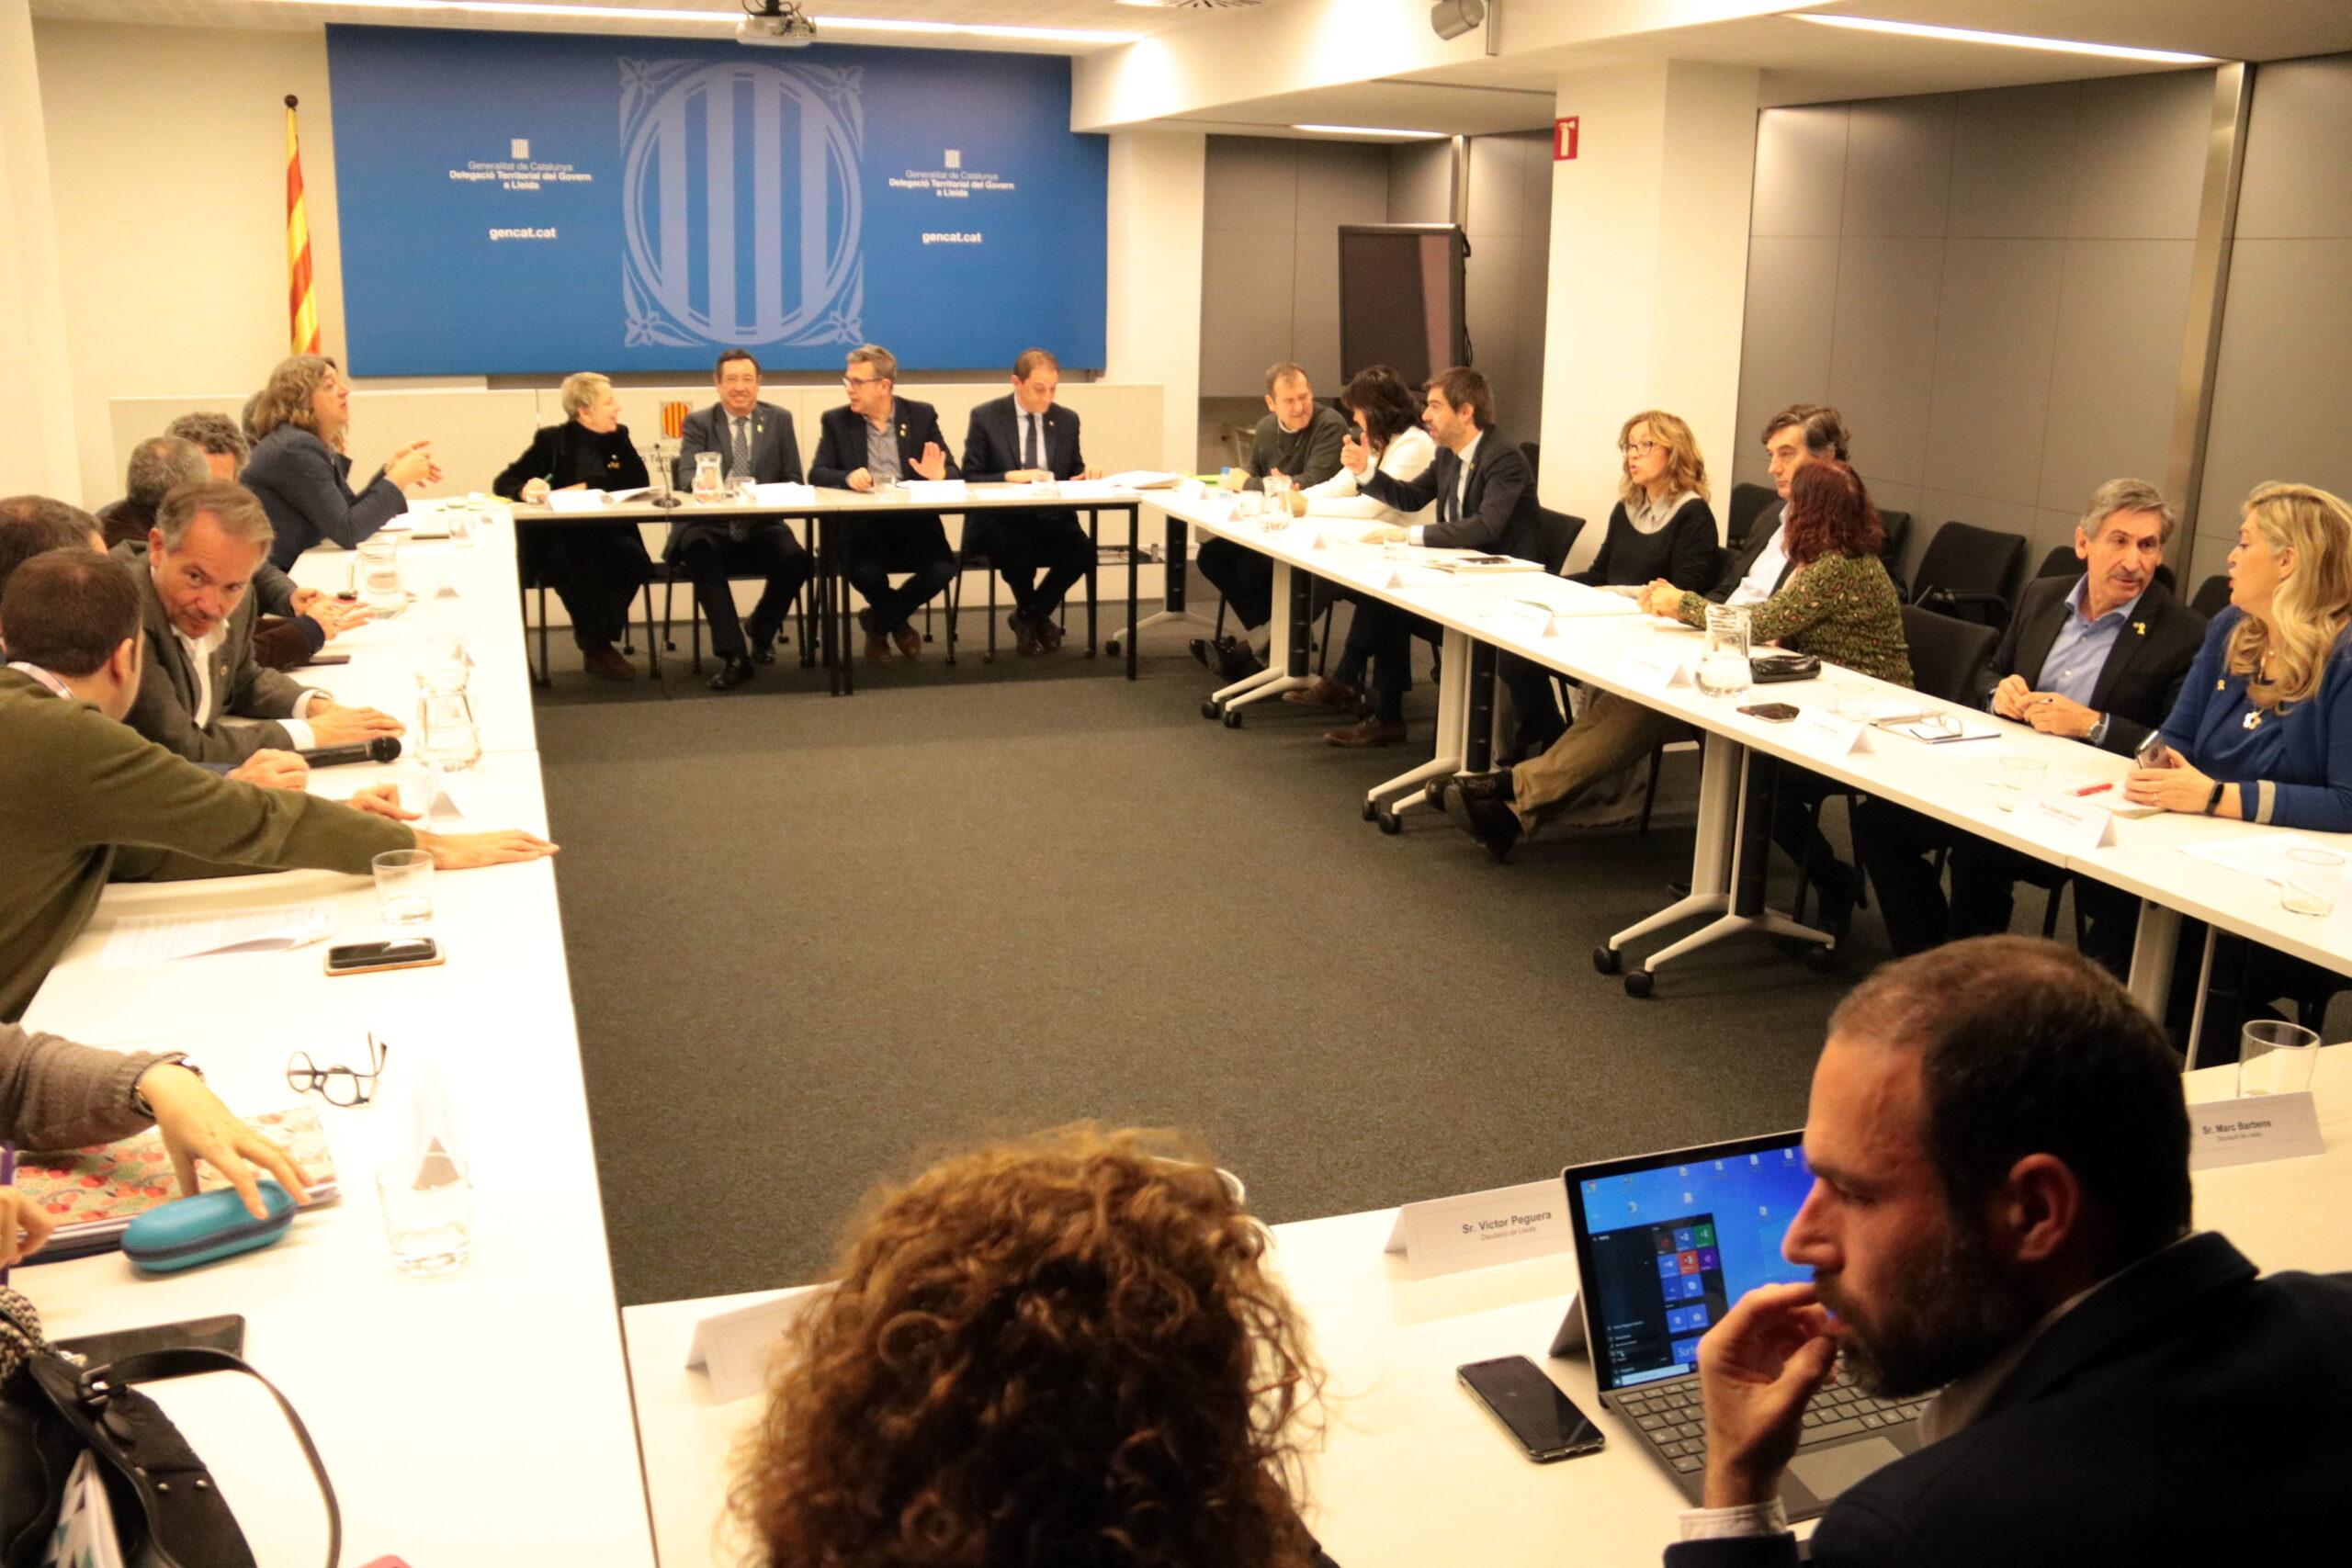 Un moment de la reunió de seguiment de les actuacions per fer front als danys dels aiguats de l'octubre passat a les comarques de Lleida, celebrada a la delegació del Govern el 27 de febrer del 2020. (Horitzontal)